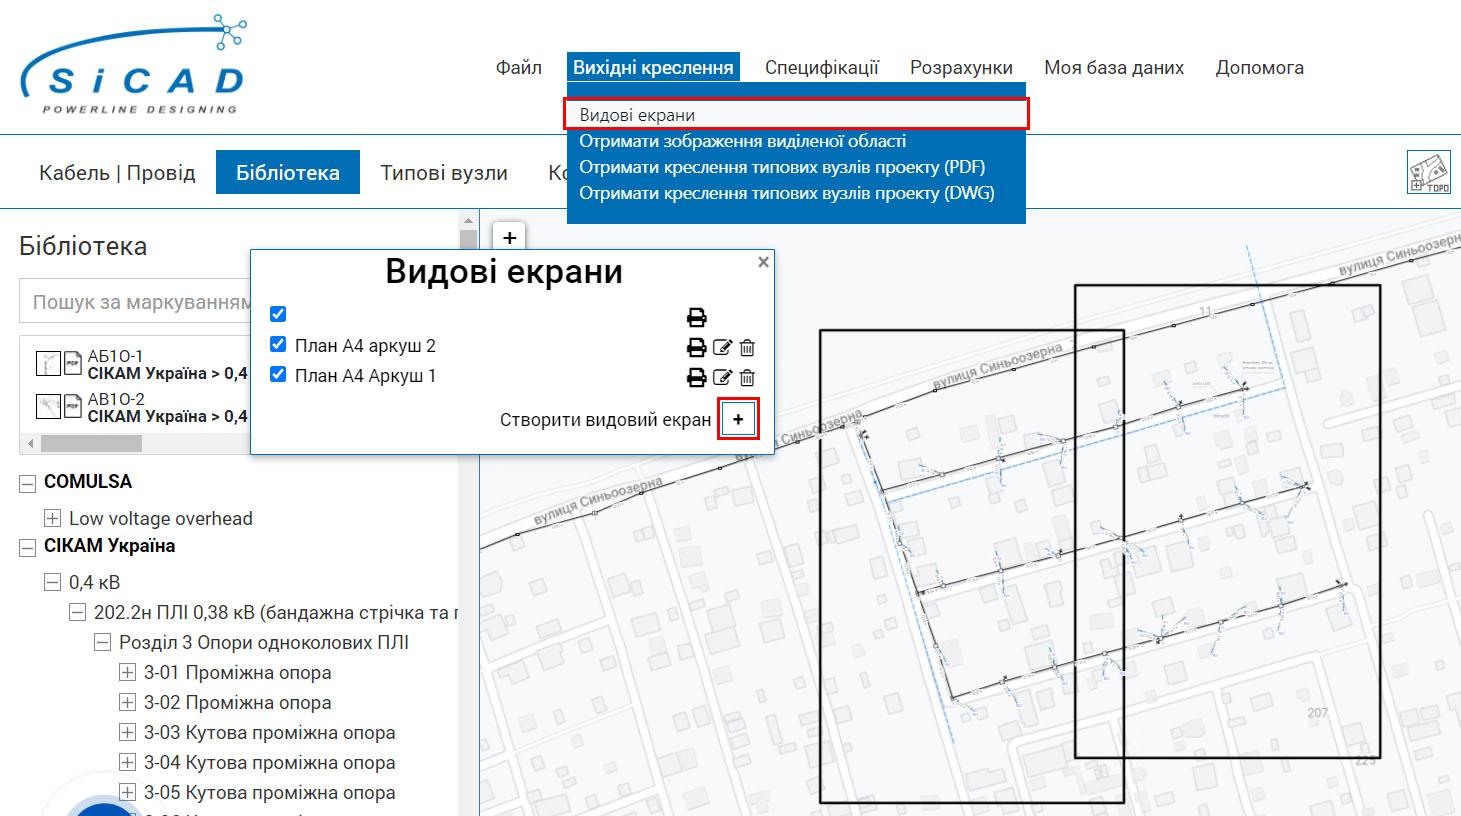 Друк плану електромережі у масштабі 1:1000 на аркуші А4